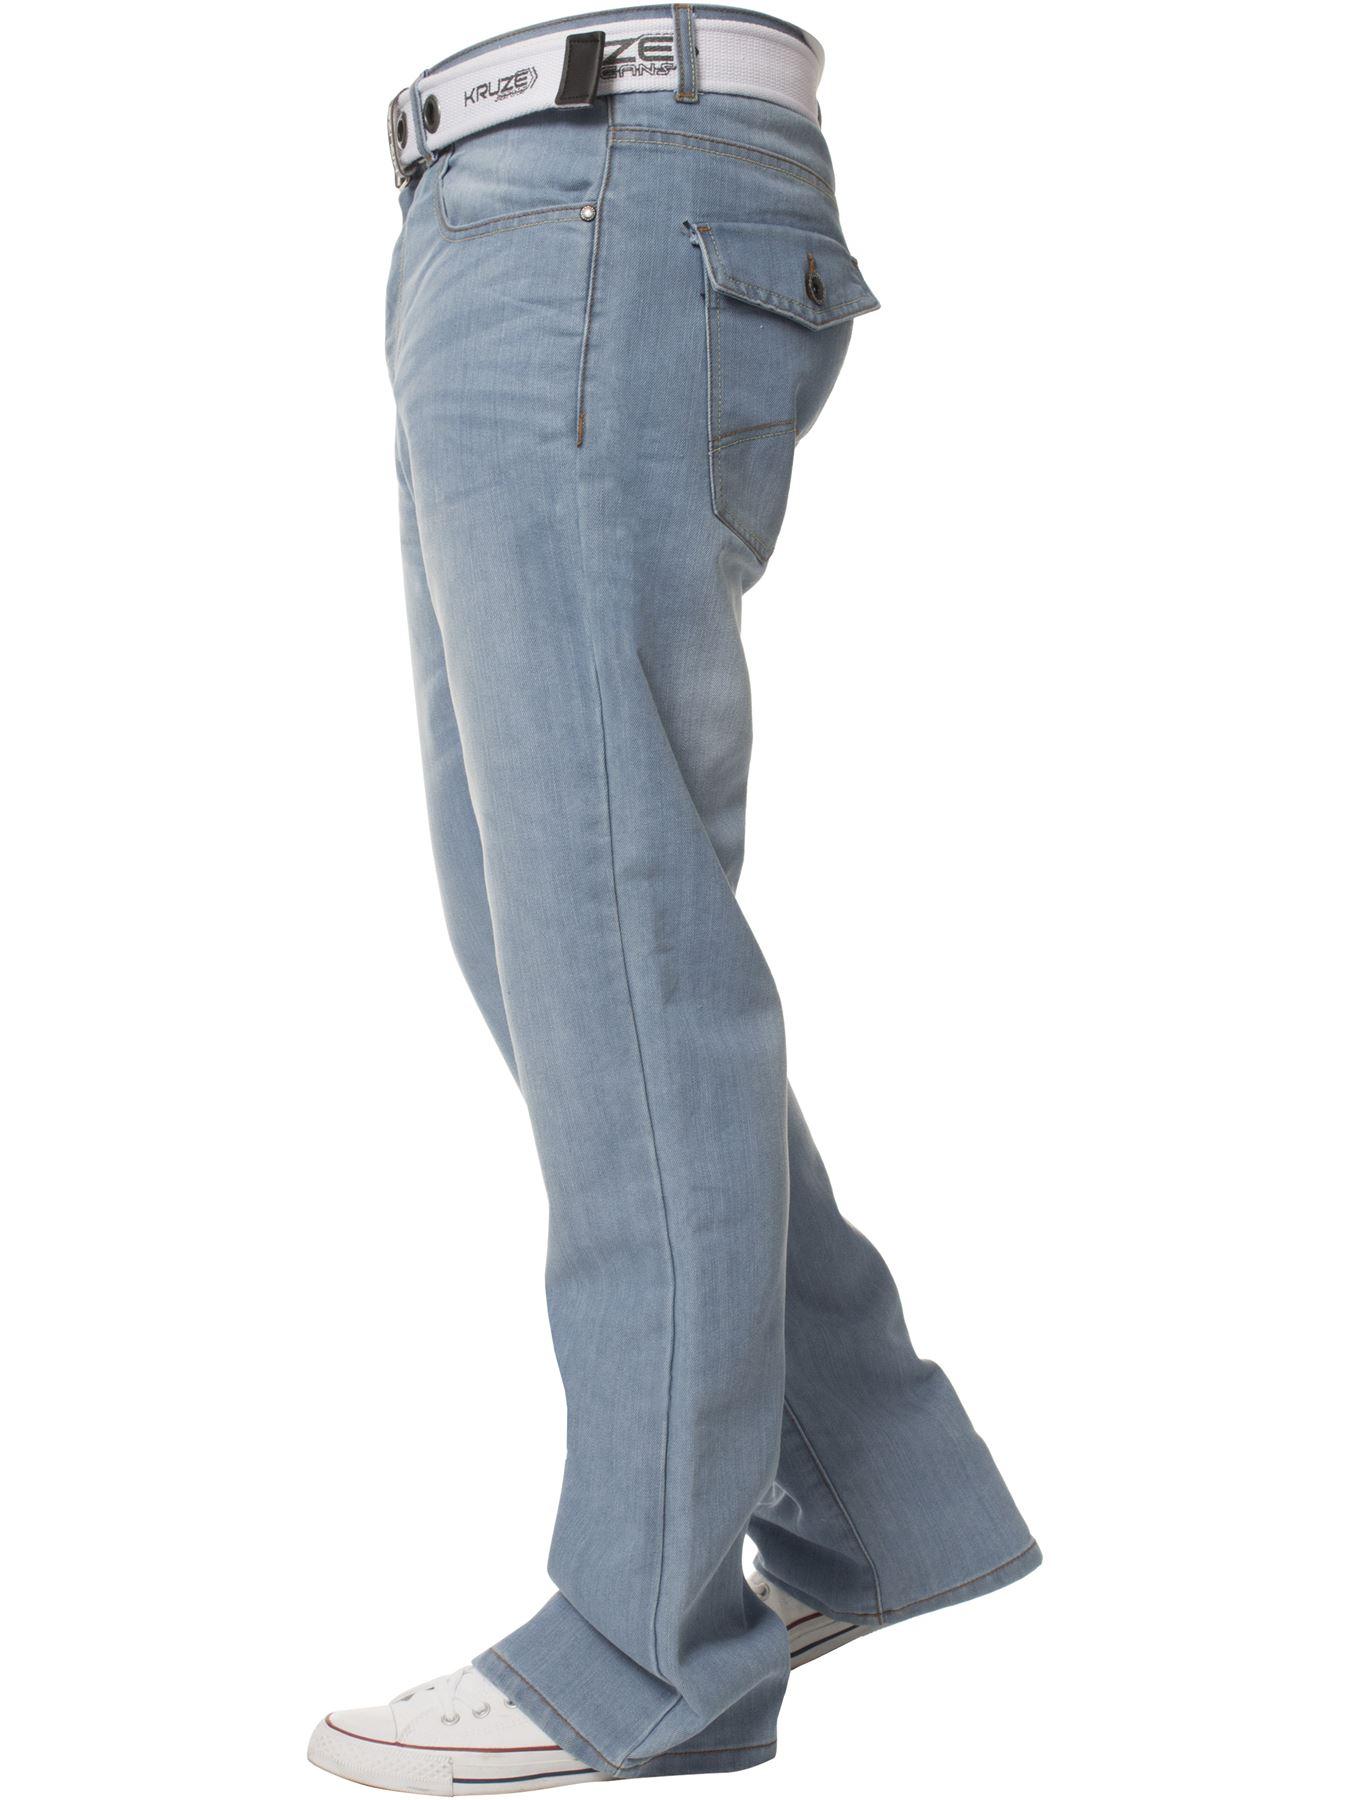 Kruze-Denim-Nuevo-Para-Hombre-Bootcut-Pierna-Ancha-Flare-Pantalones-Cintura-Tallas-Grandes-Rey-todos miniatura 16